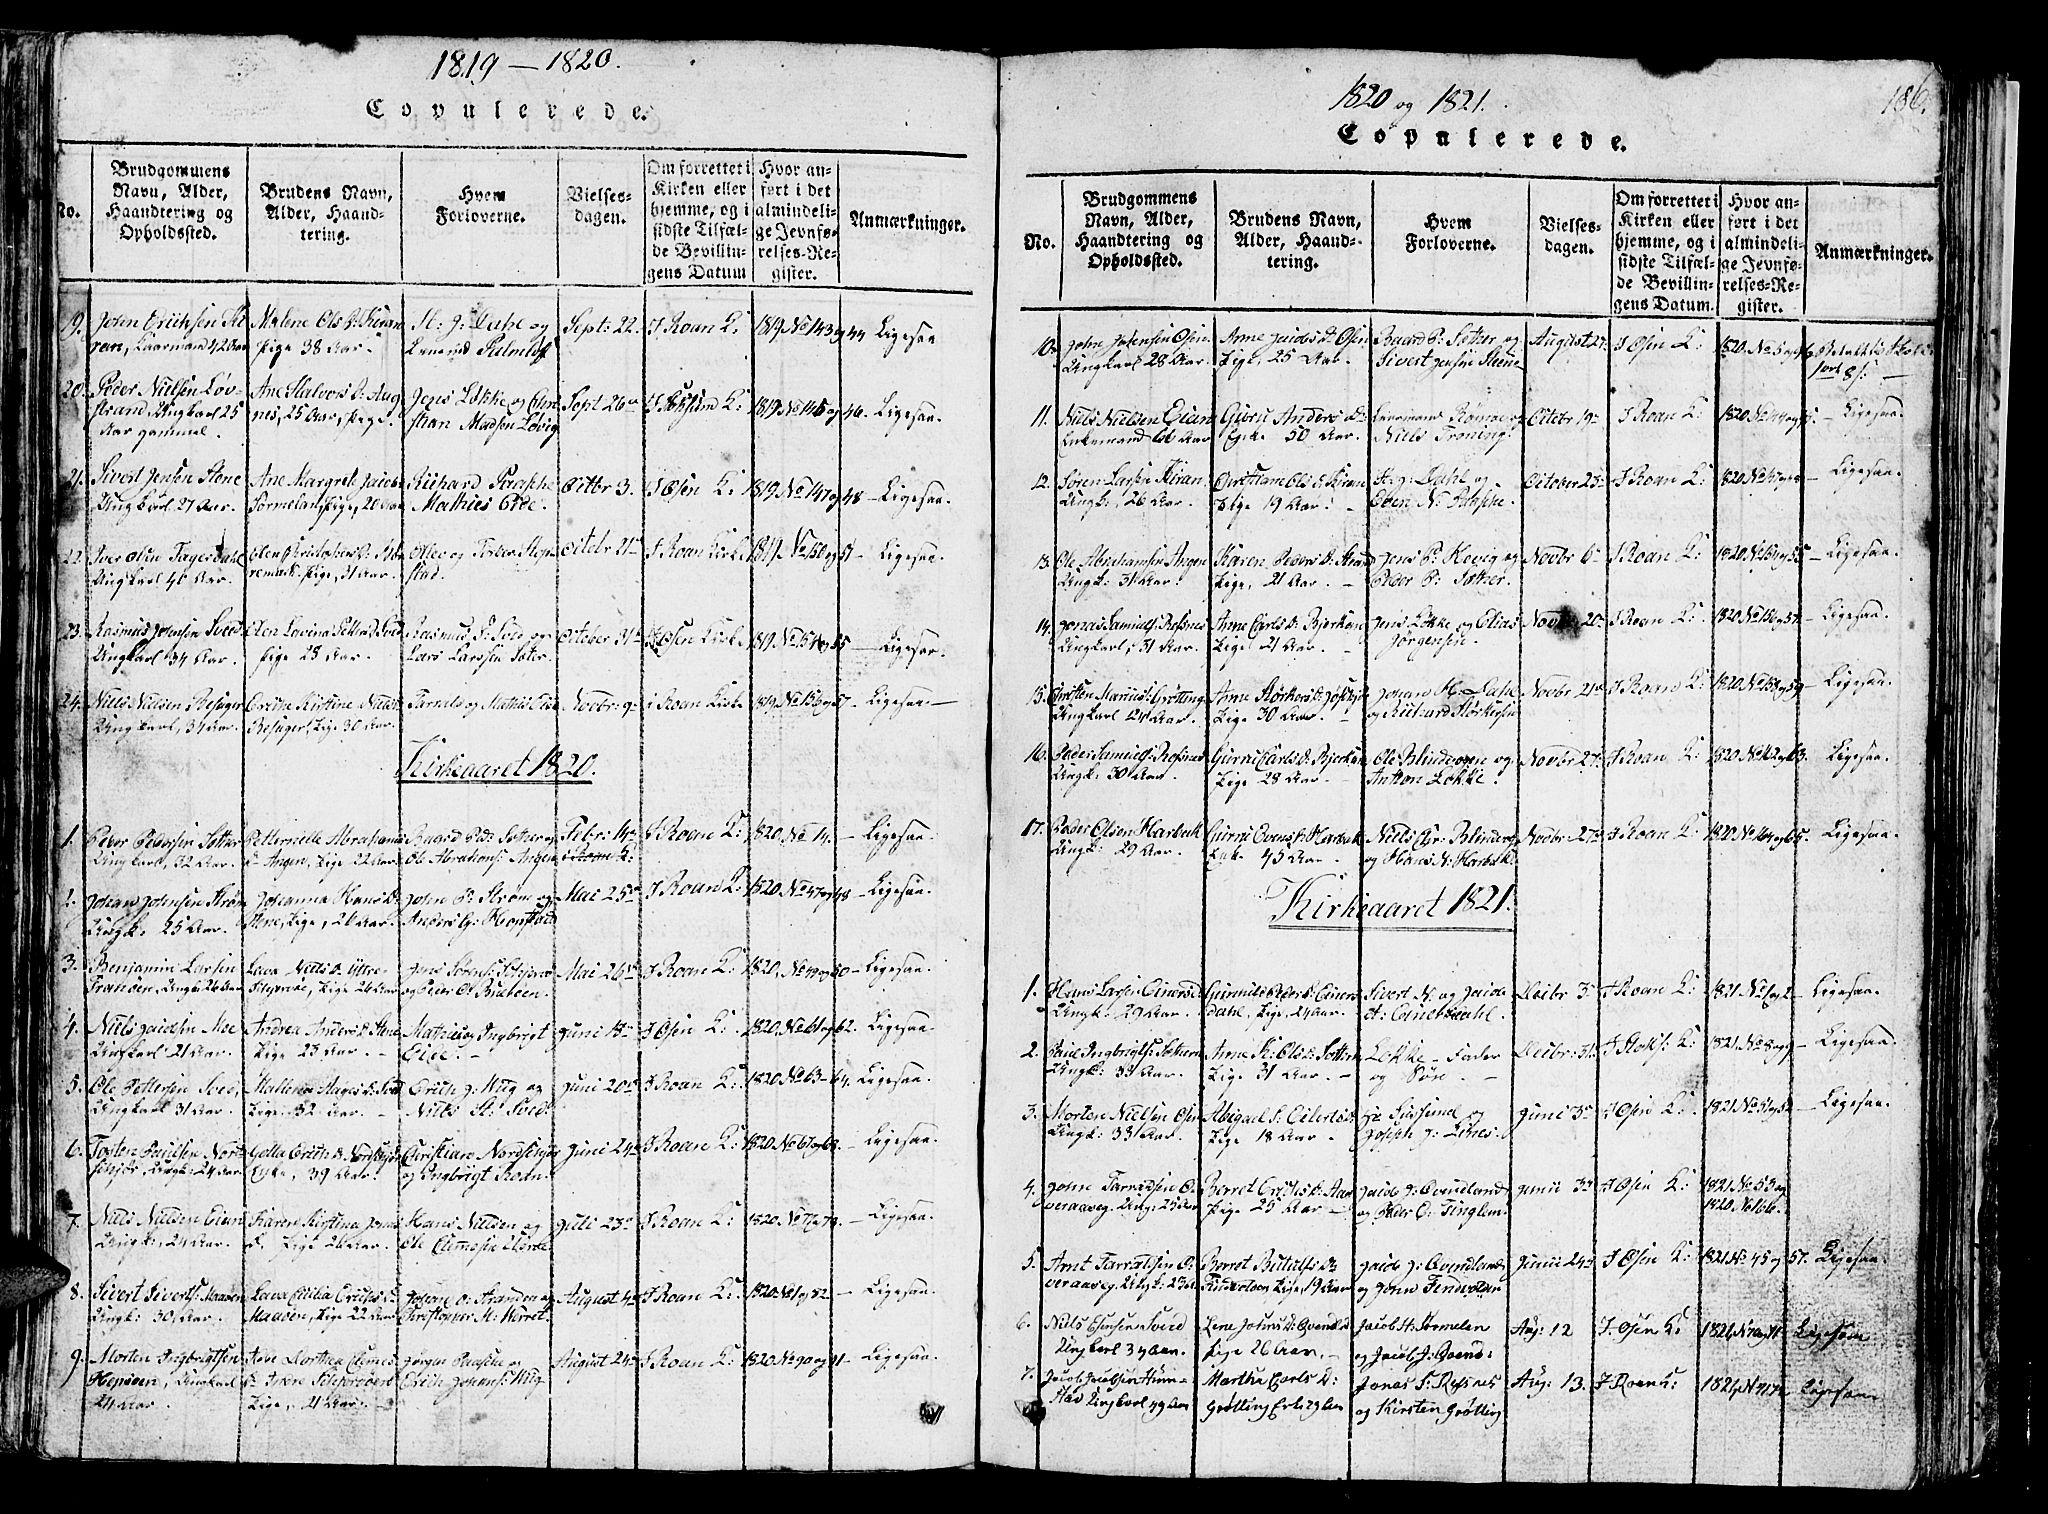 SAT, Ministerialprotokoller, klokkerbøker og fødselsregistre - Sør-Trøndelag, 657/L0714: Klokkerbok nr. 657C01, 1818-1868, s. 186